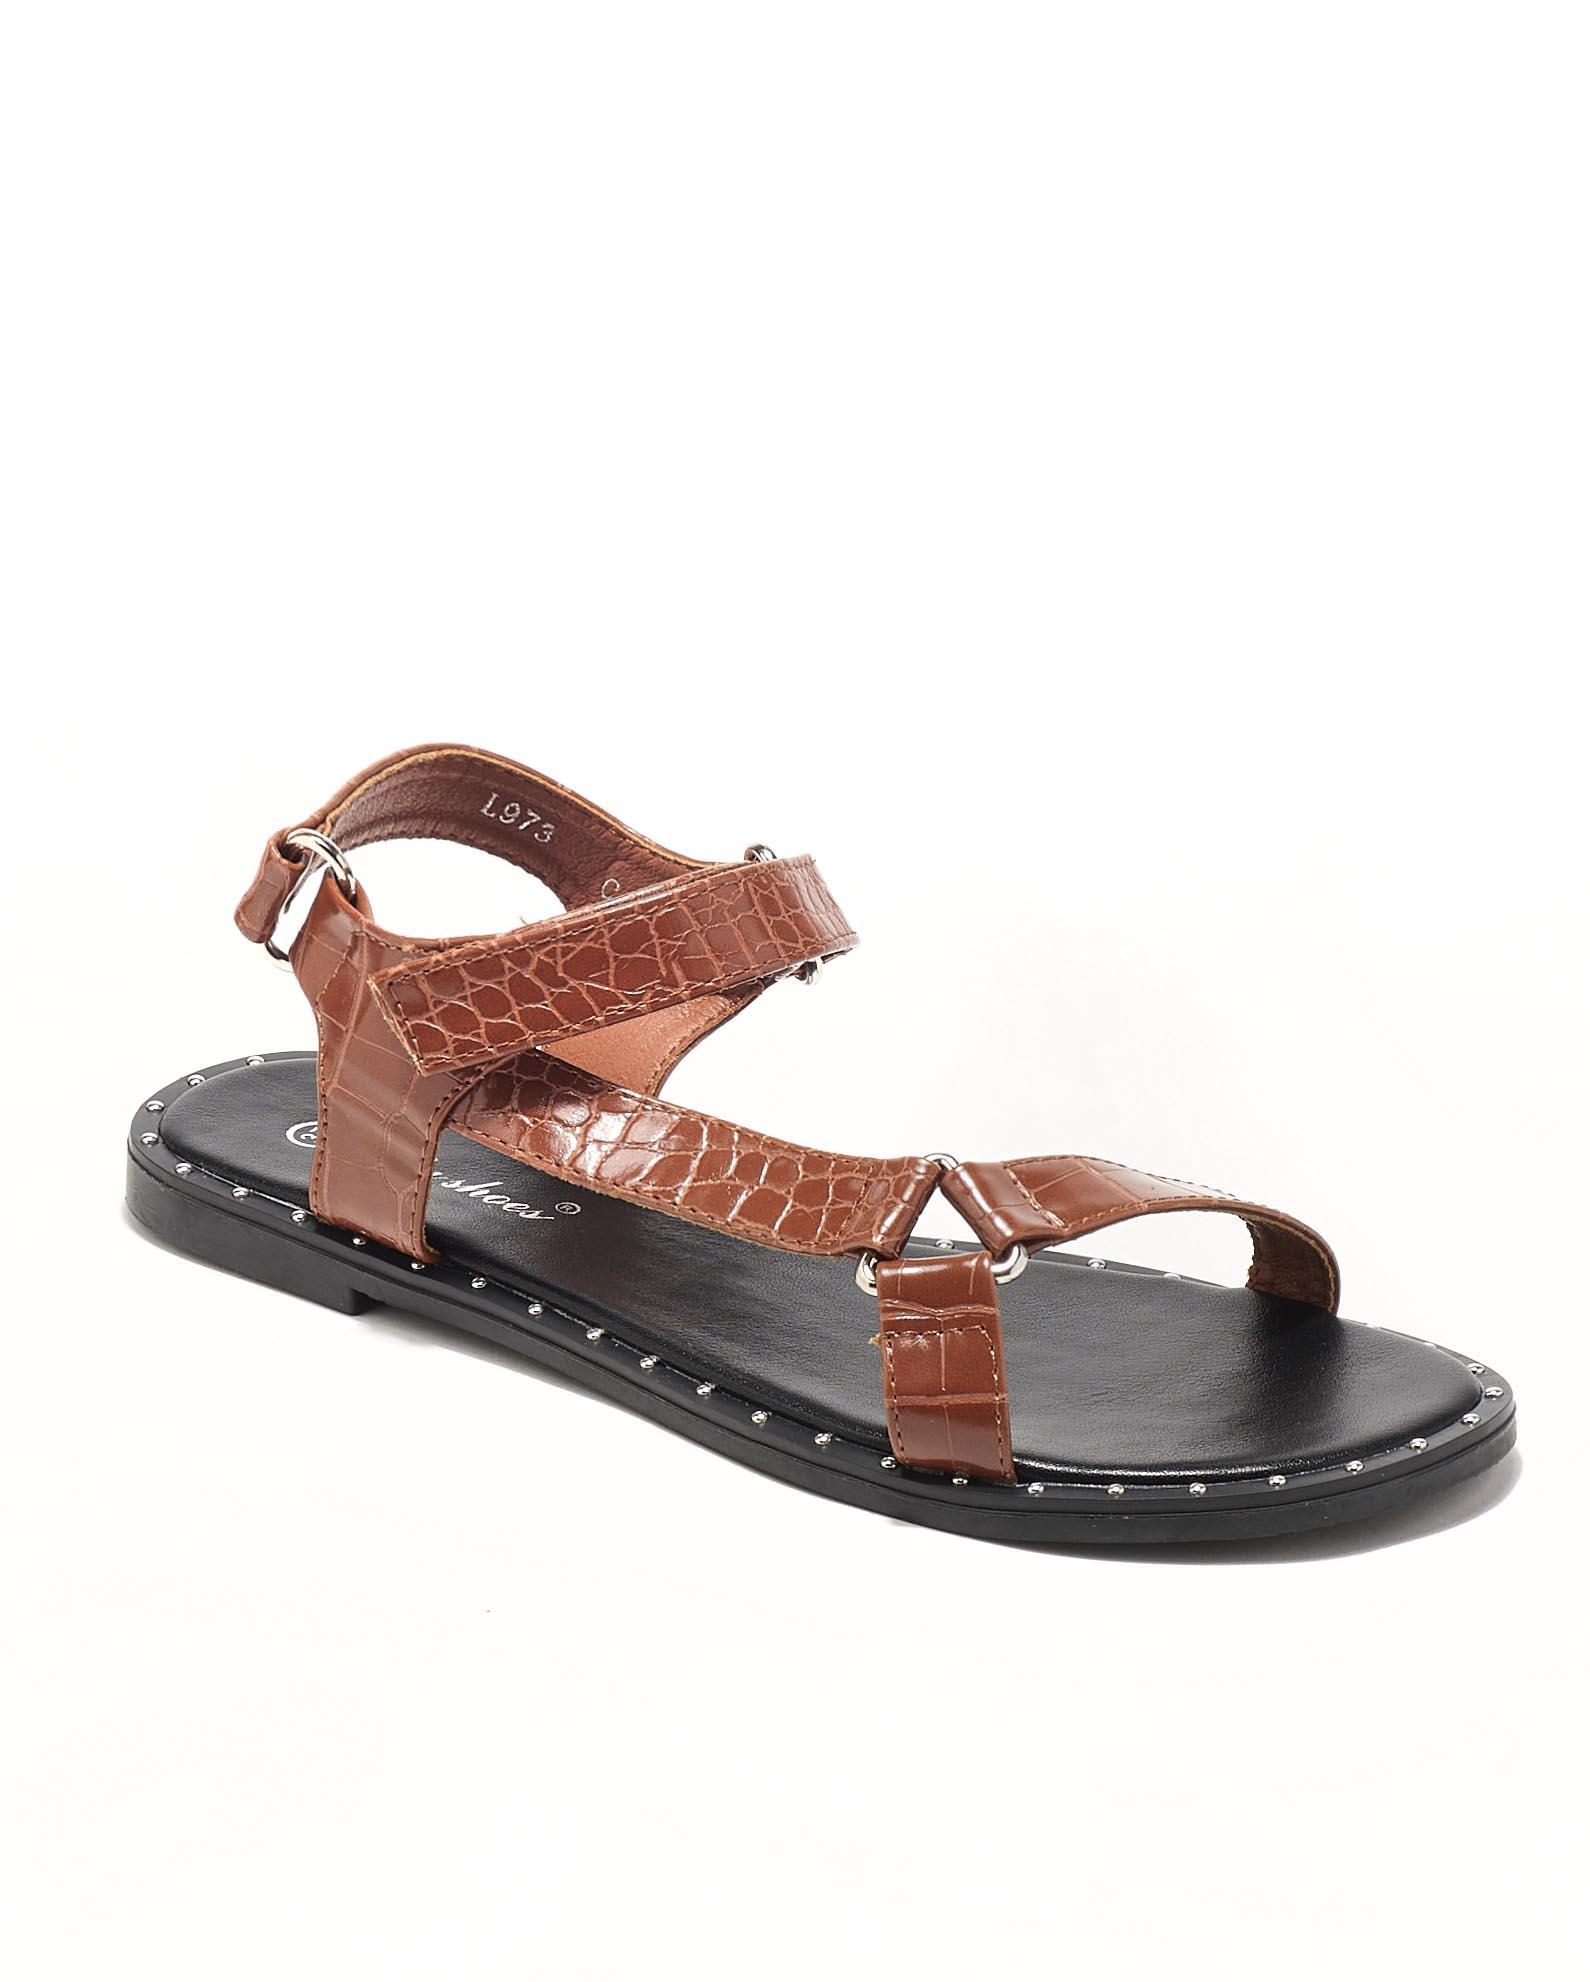 Sandales Plates Femme - Sandale Plate Camel Jina - L973